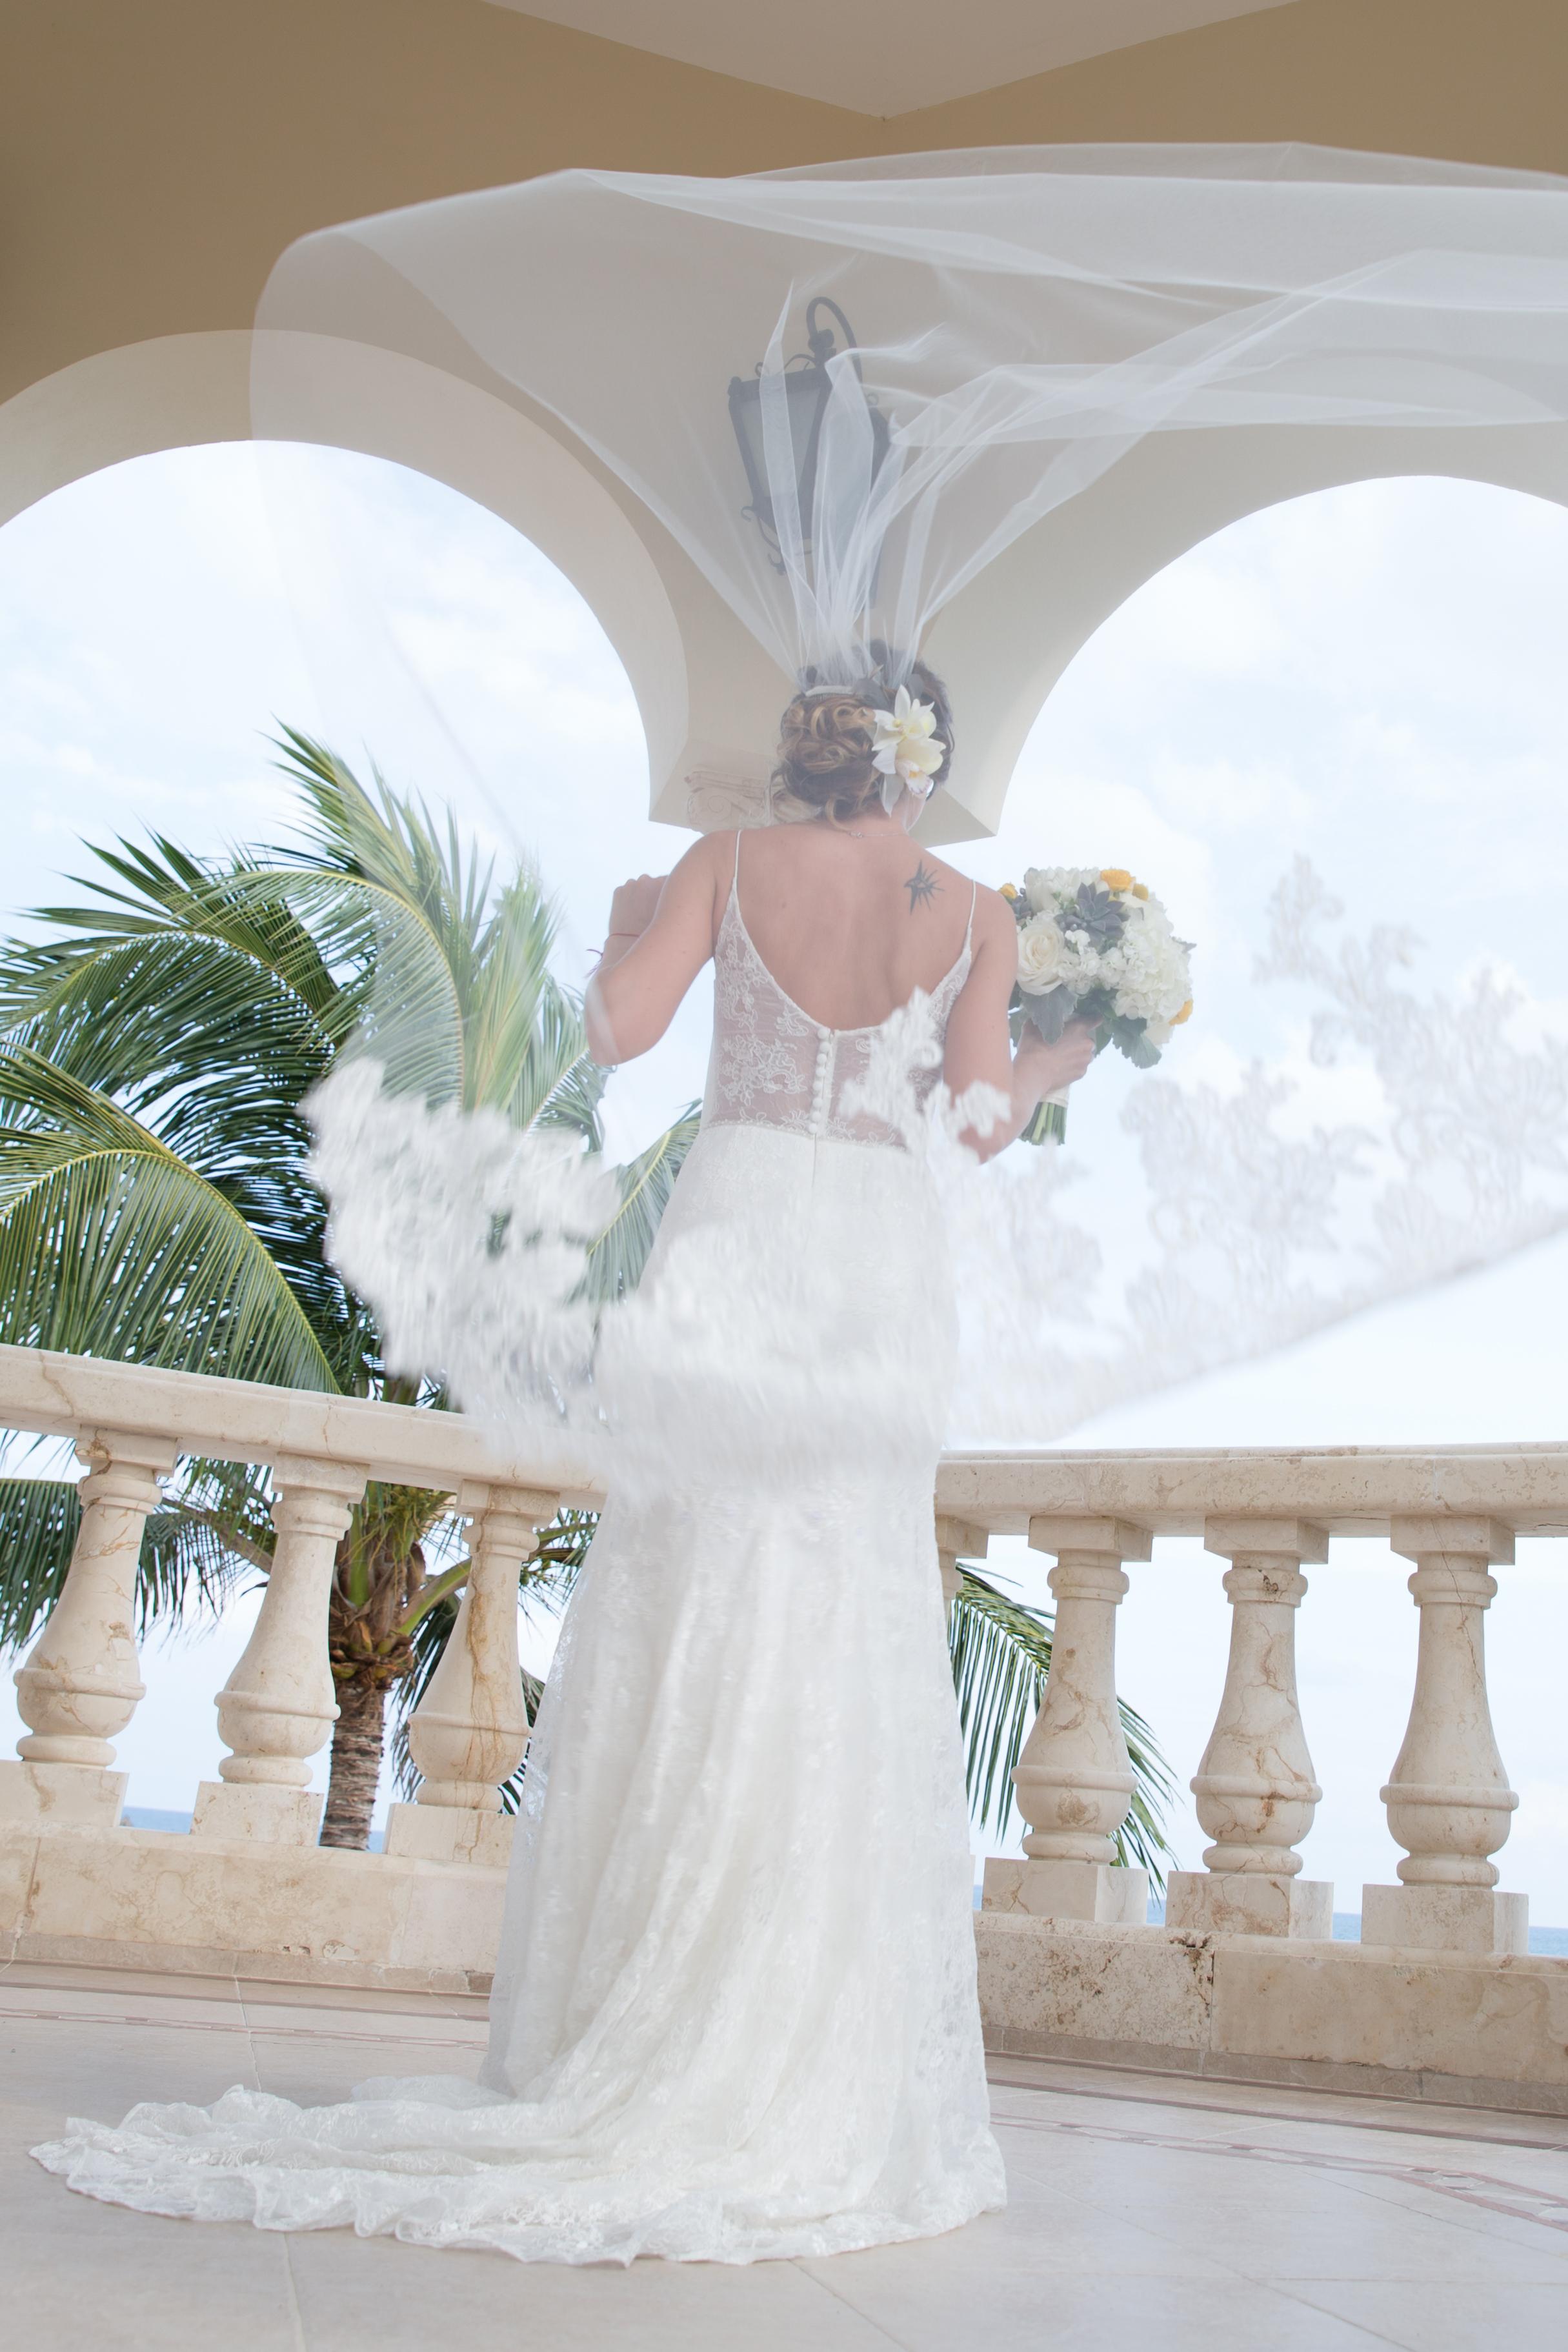 destination-wedding-venue-villa-la-joya-08.jpg